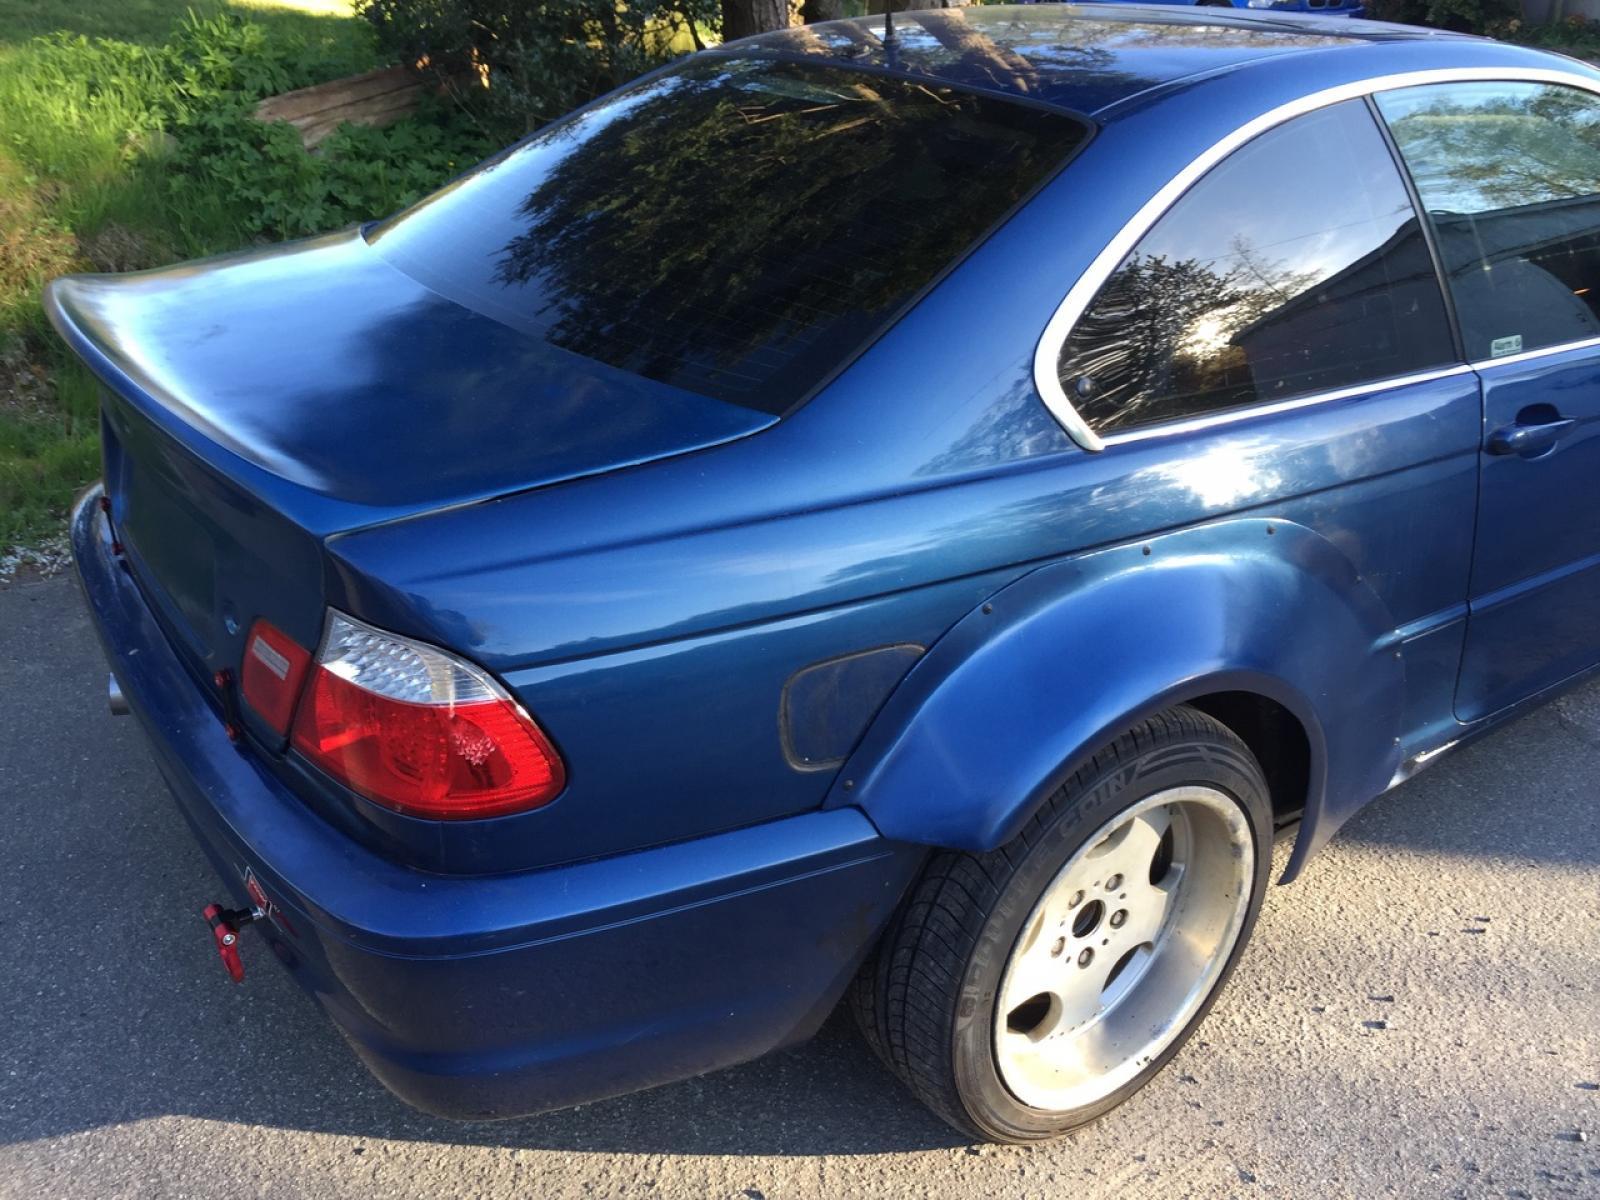 BMW E46 M62 V8 - 5